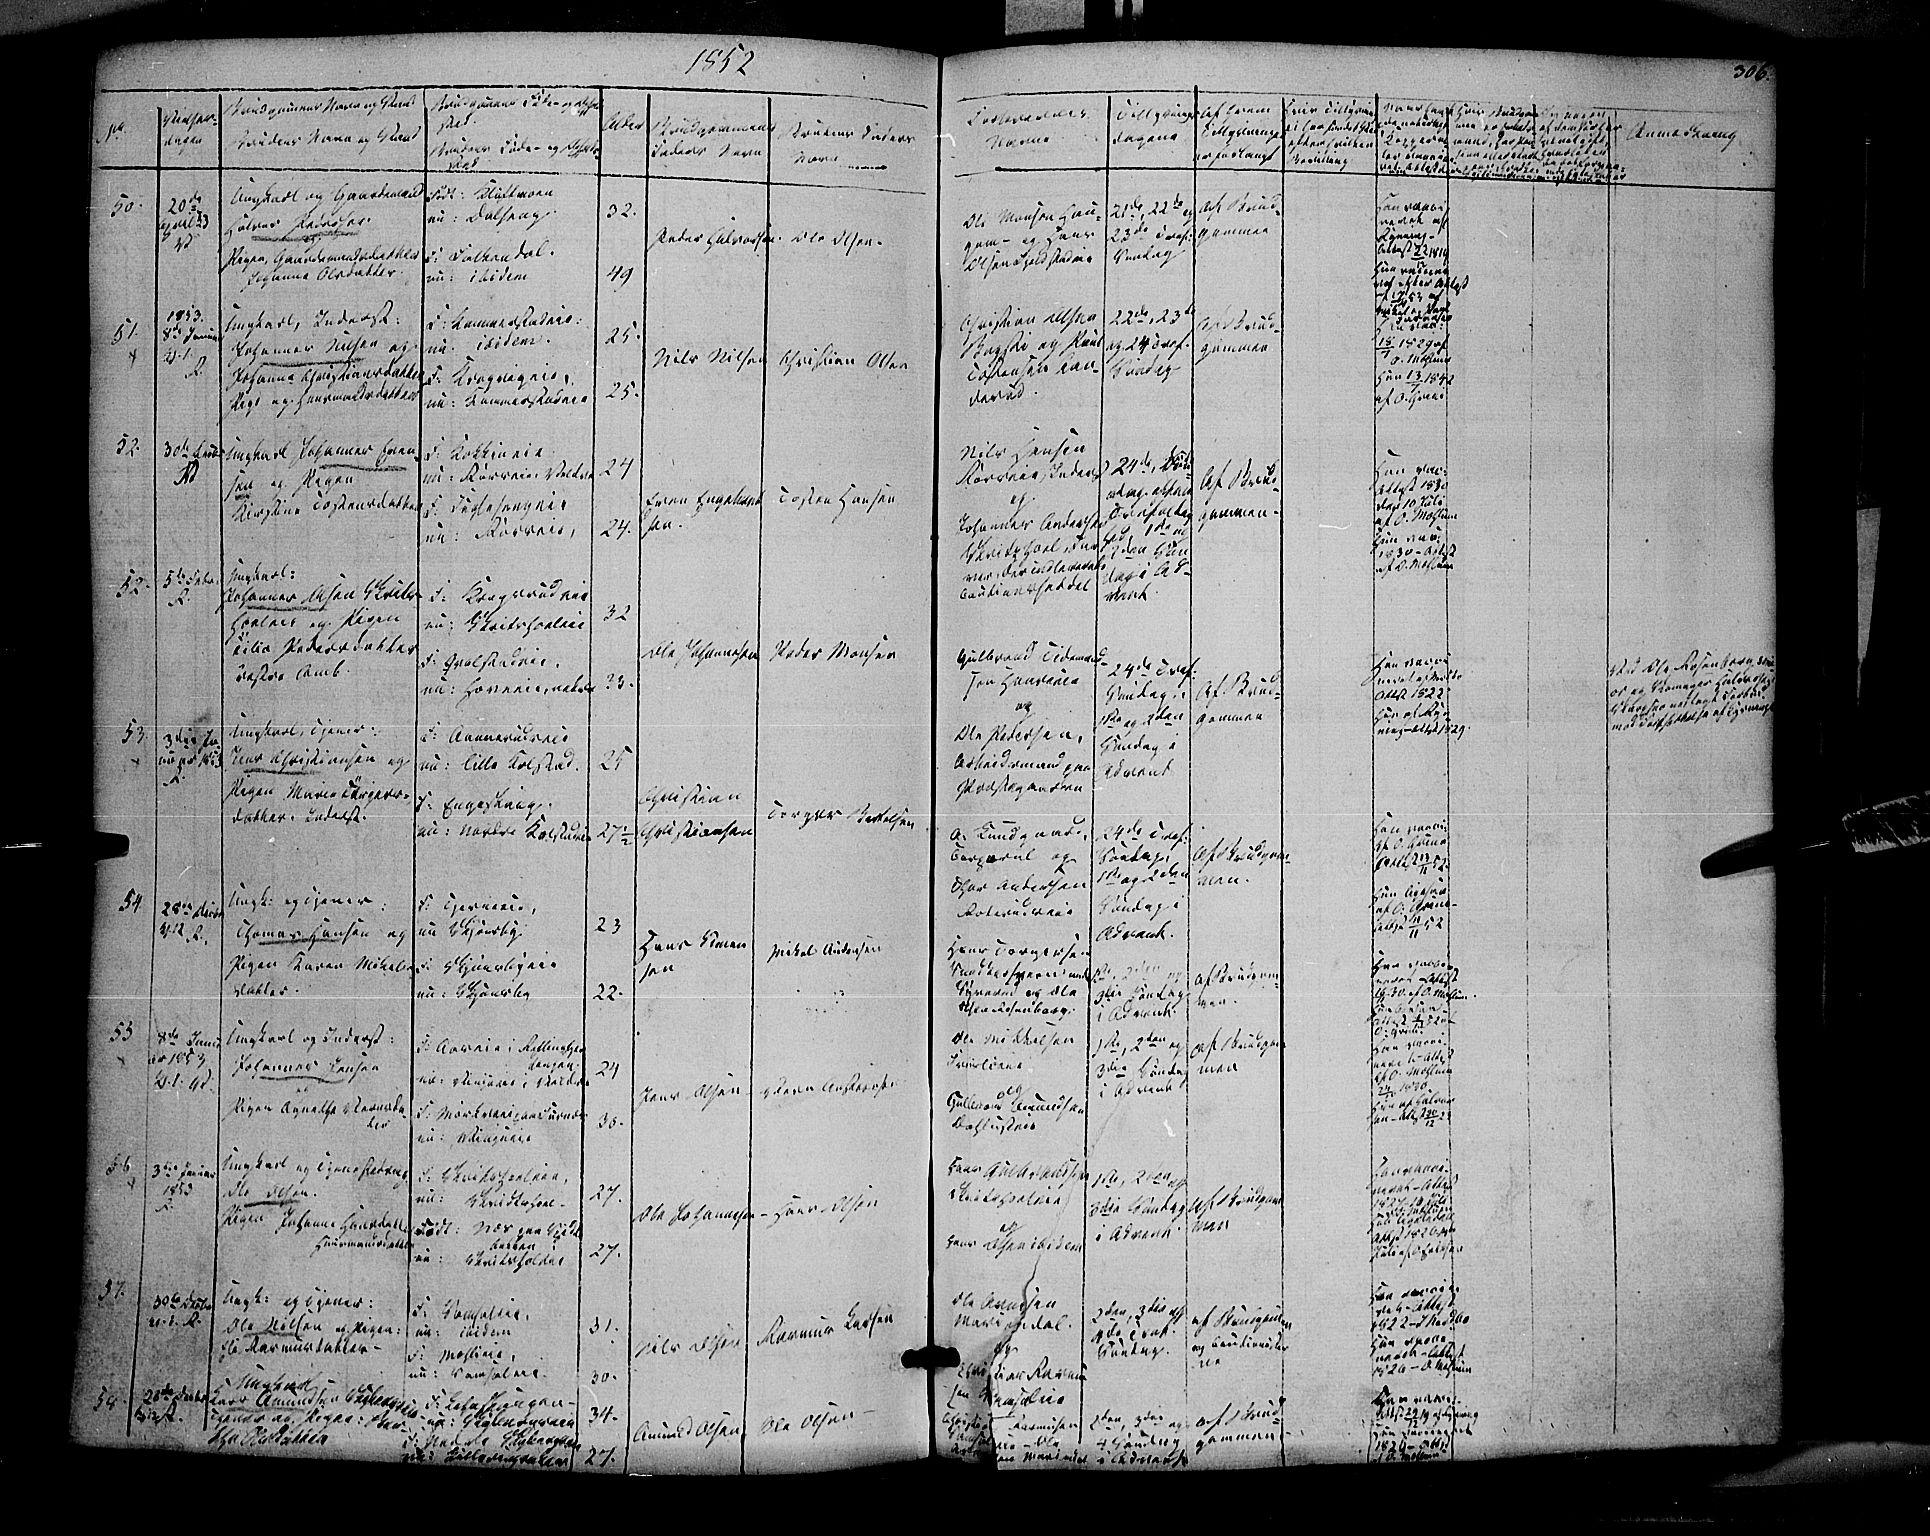 SAH, Ringsaker prestekontor, K/Ka/L0009: Ministerialbok nr. 9, 1850-1860, s. 306